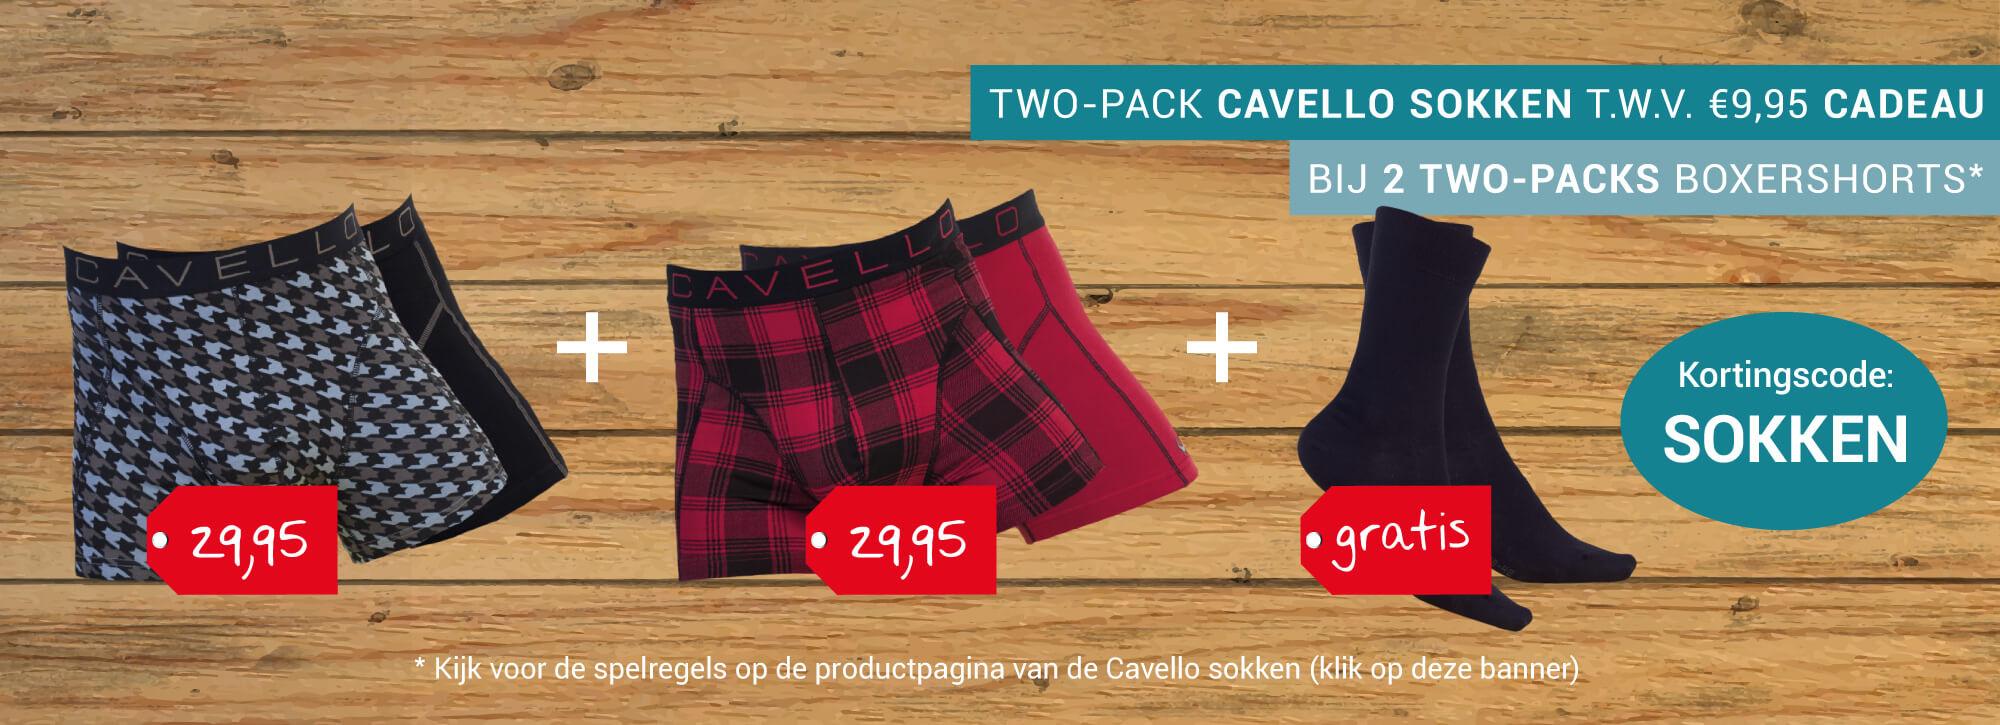 Officieel verkooppunt Cavello Underwear